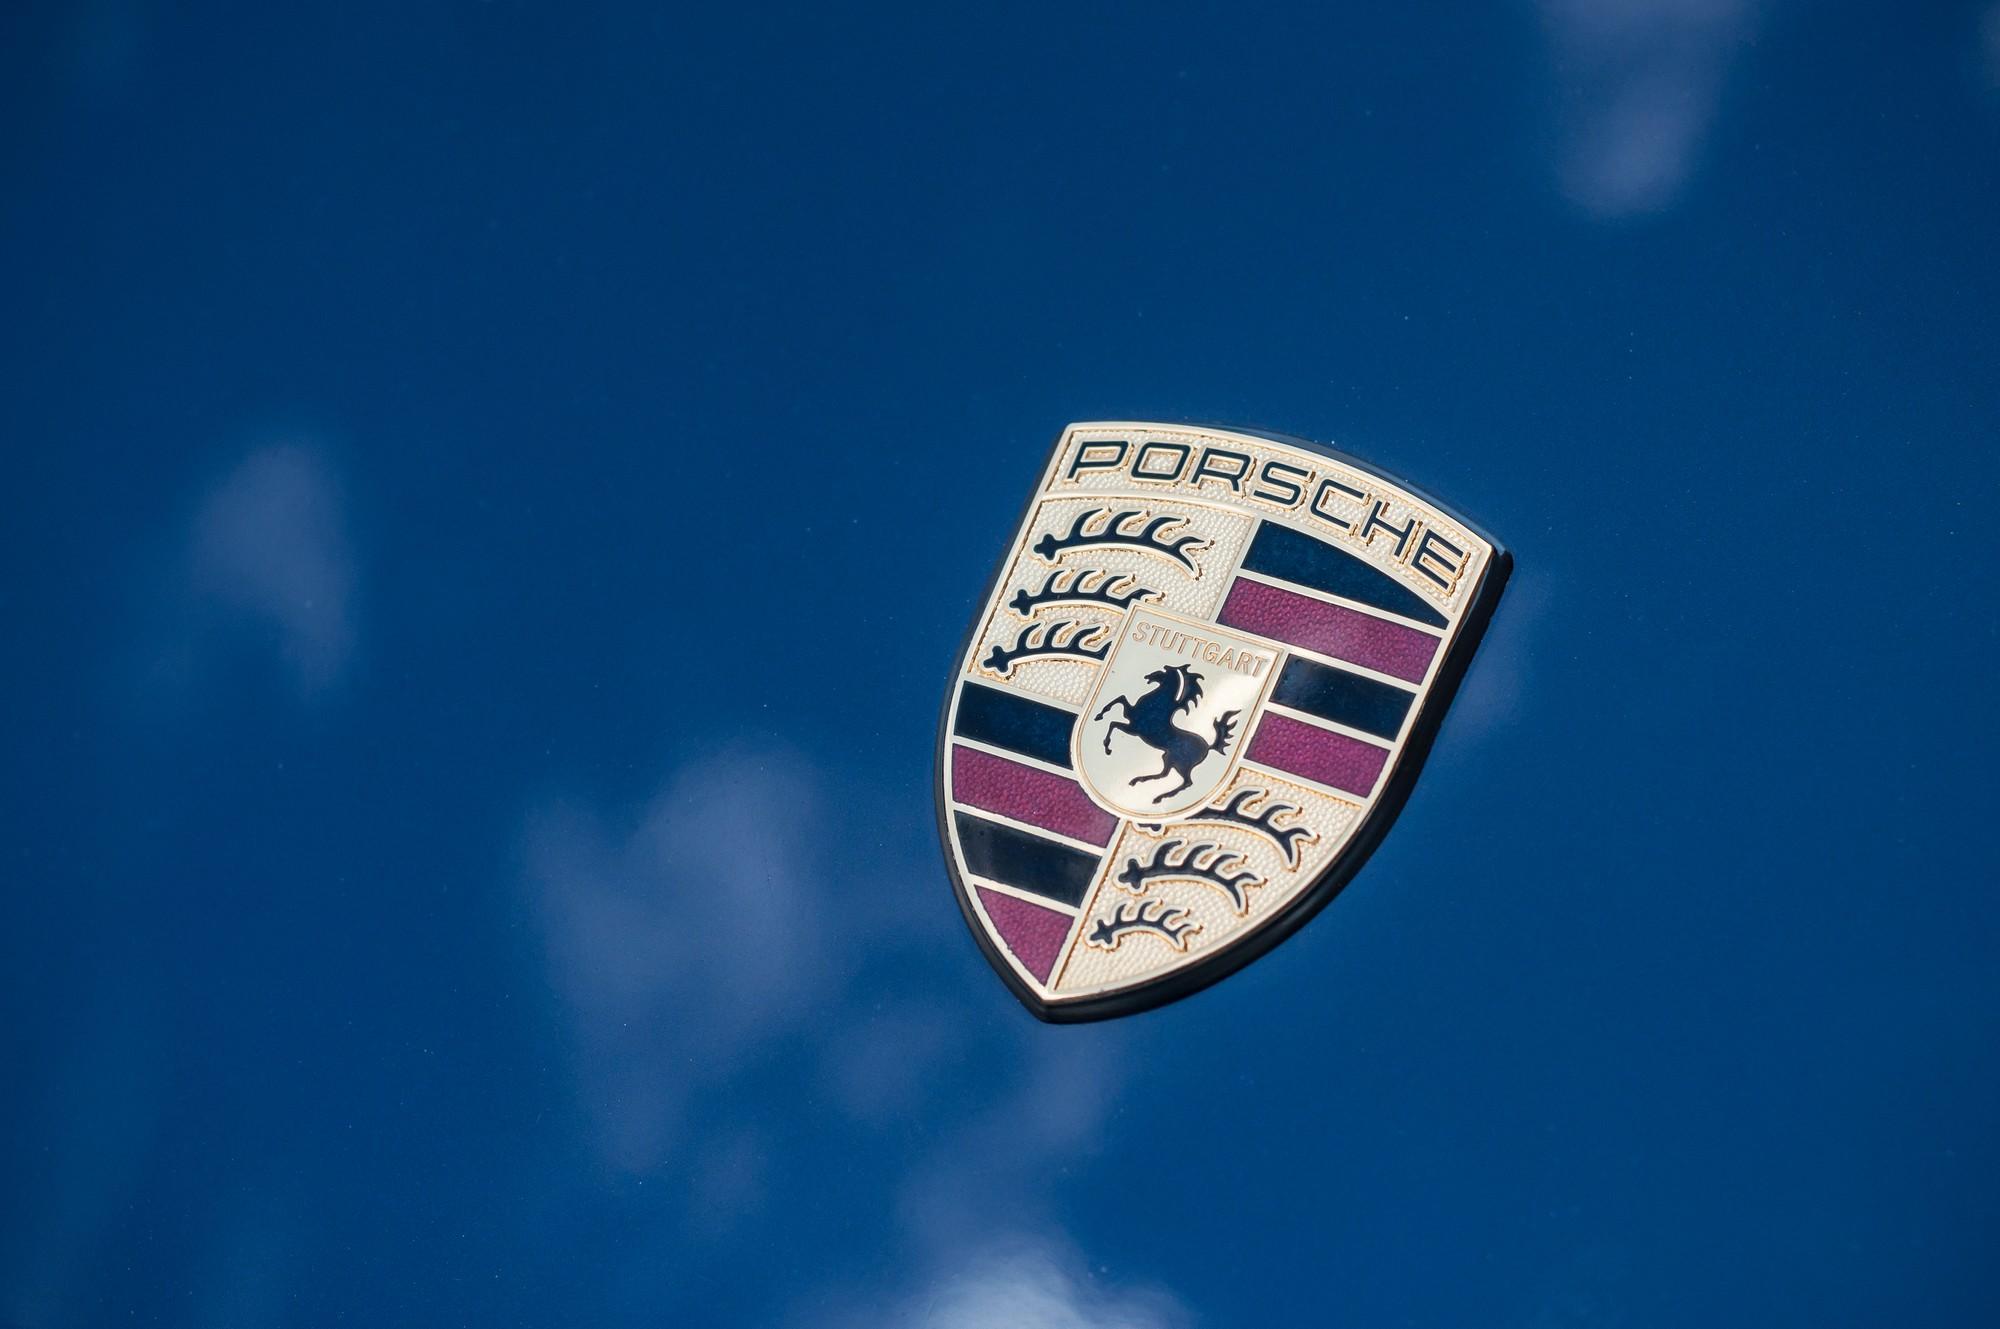 Pourquoi la marque Porsche a autant de succès ?